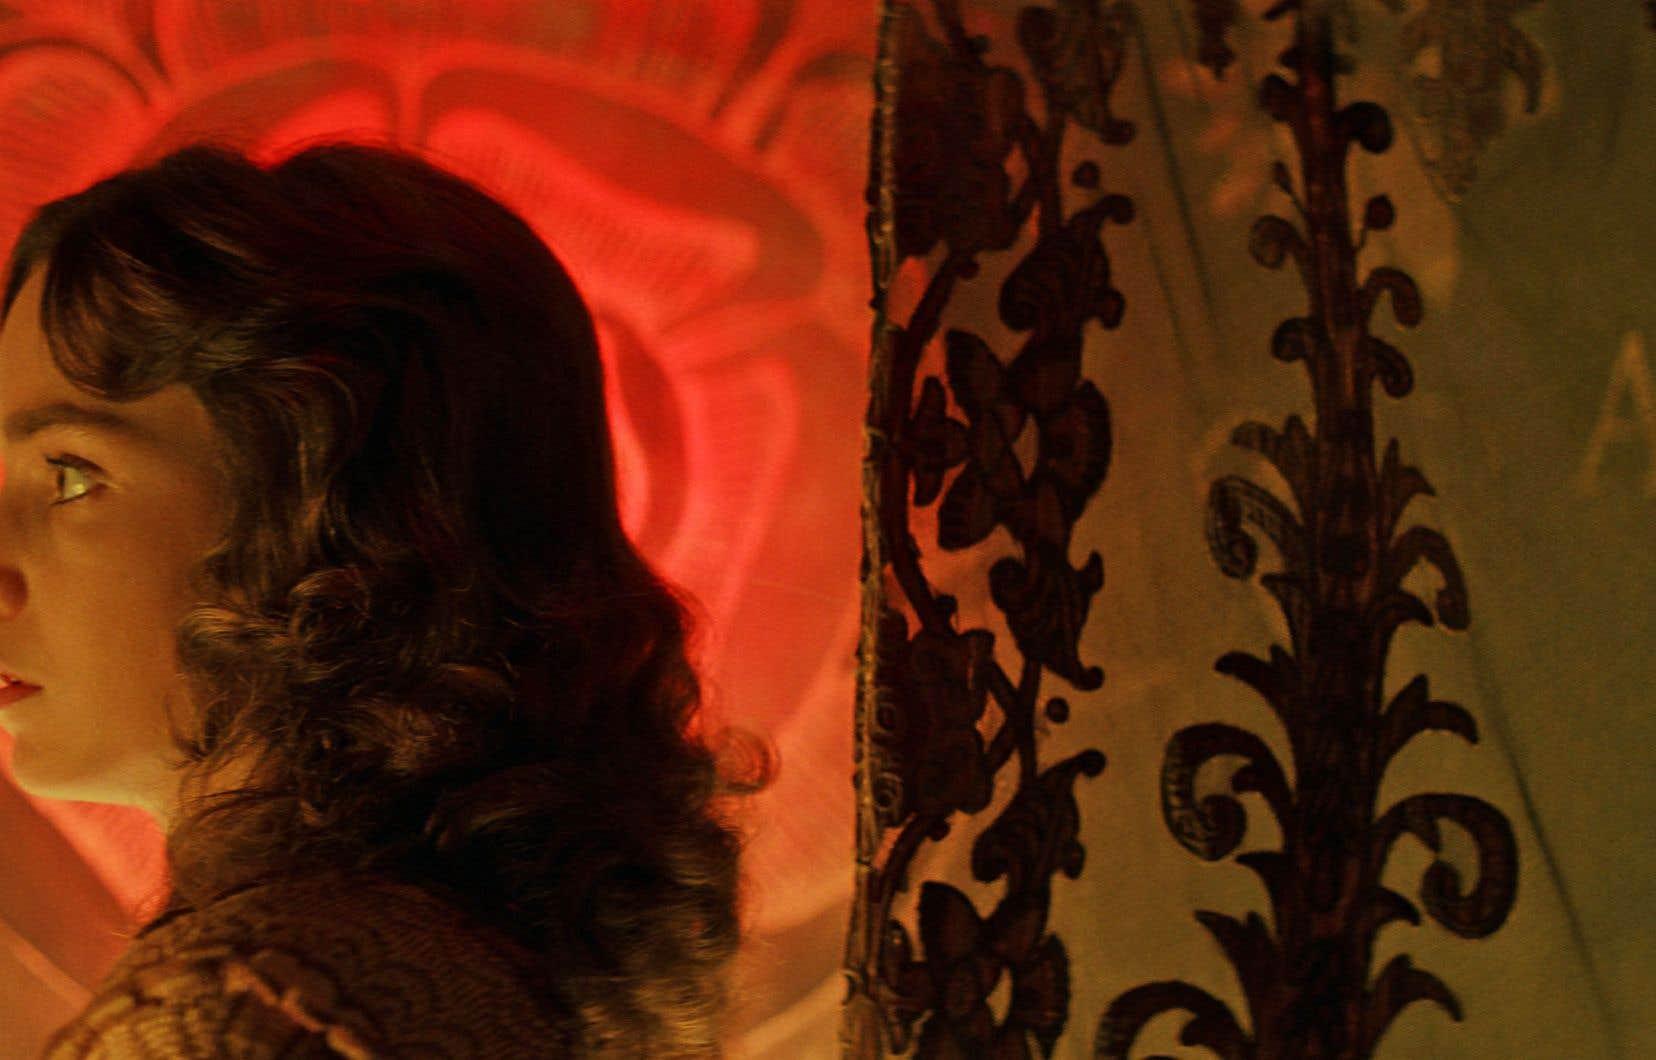 L'un des derniers films tournés en Technicolor, «Suspiria» affiche, à dessein, une palette de primaires riches anormalement saturée. Il en résulte une vision opulente, pleine de débordements sanguinolents et d'ostentation technique.